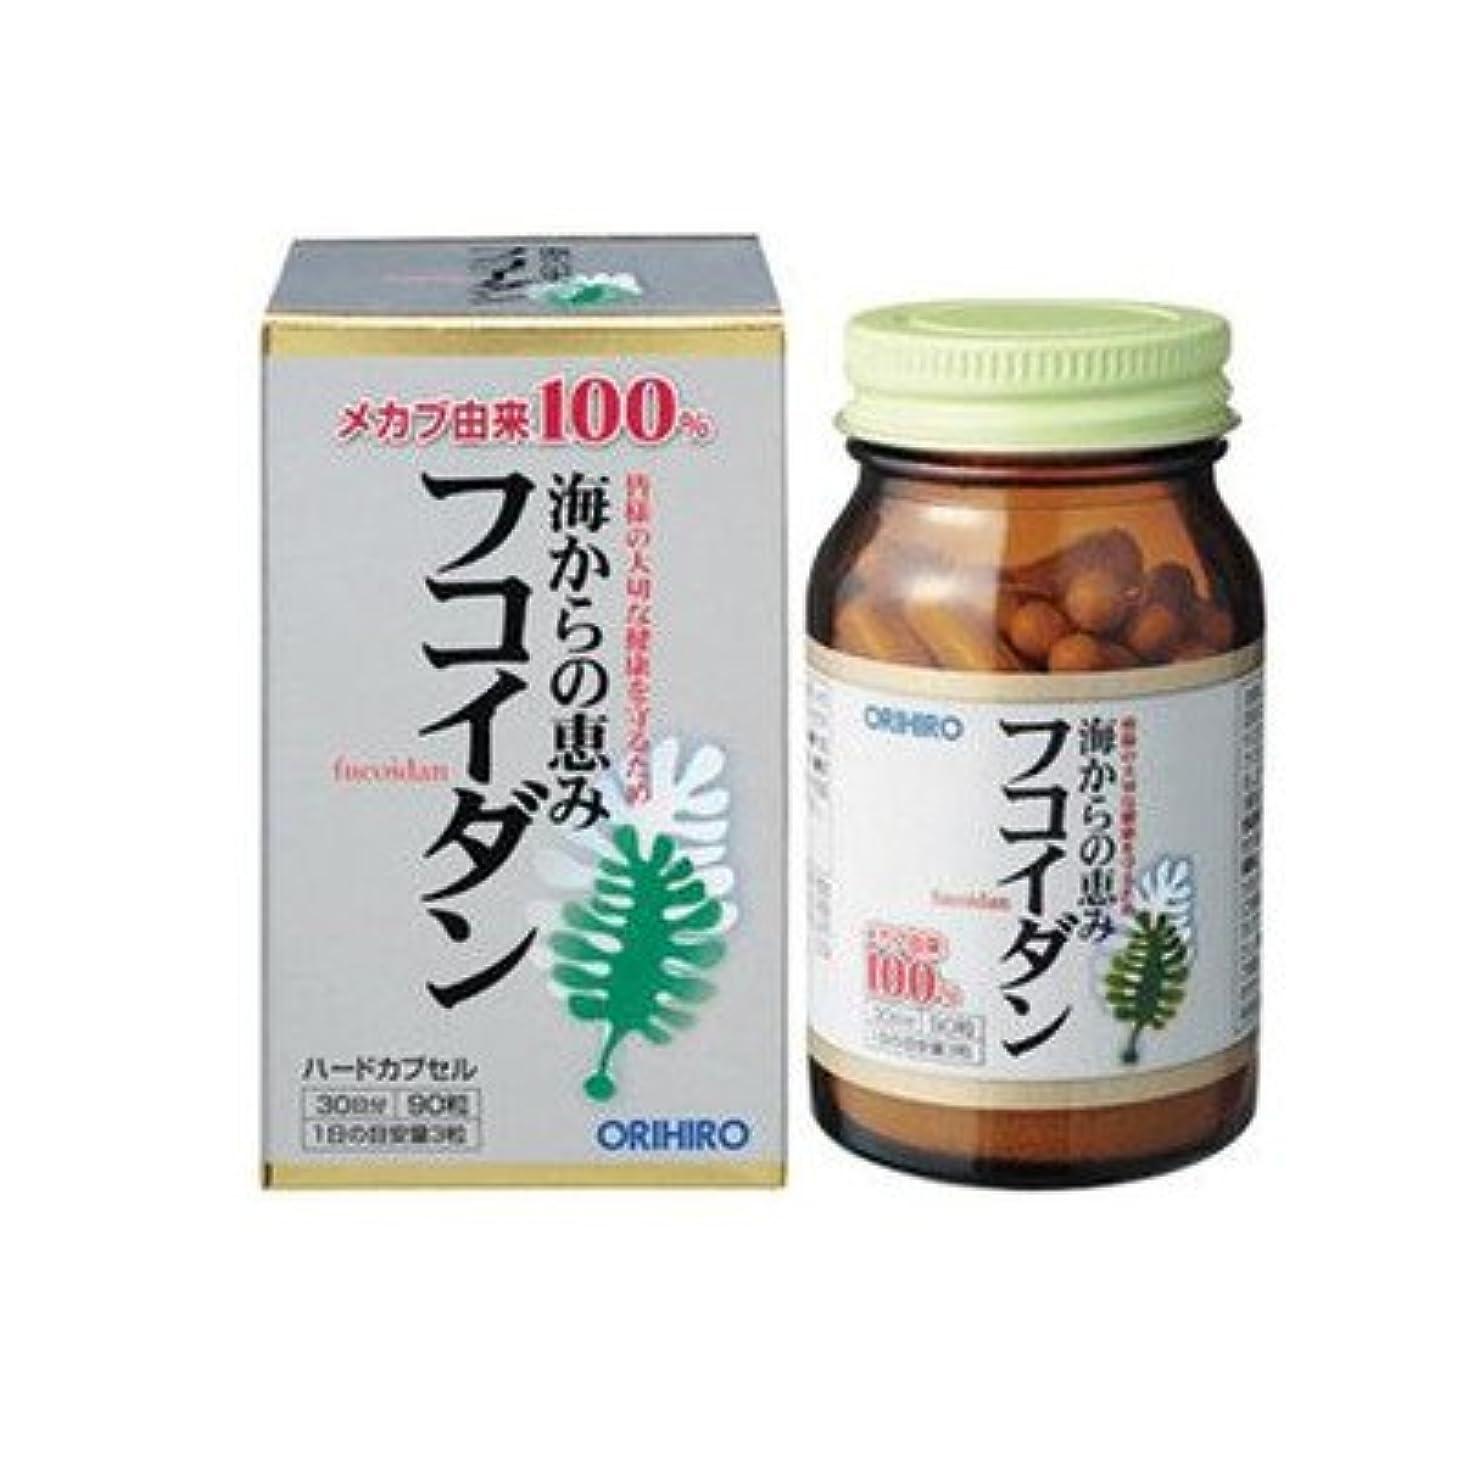 みなすスロット使い込む60209192 オリヒロ フコイダン 90粒 毎日のお食事にプラスして健康生活をサポート